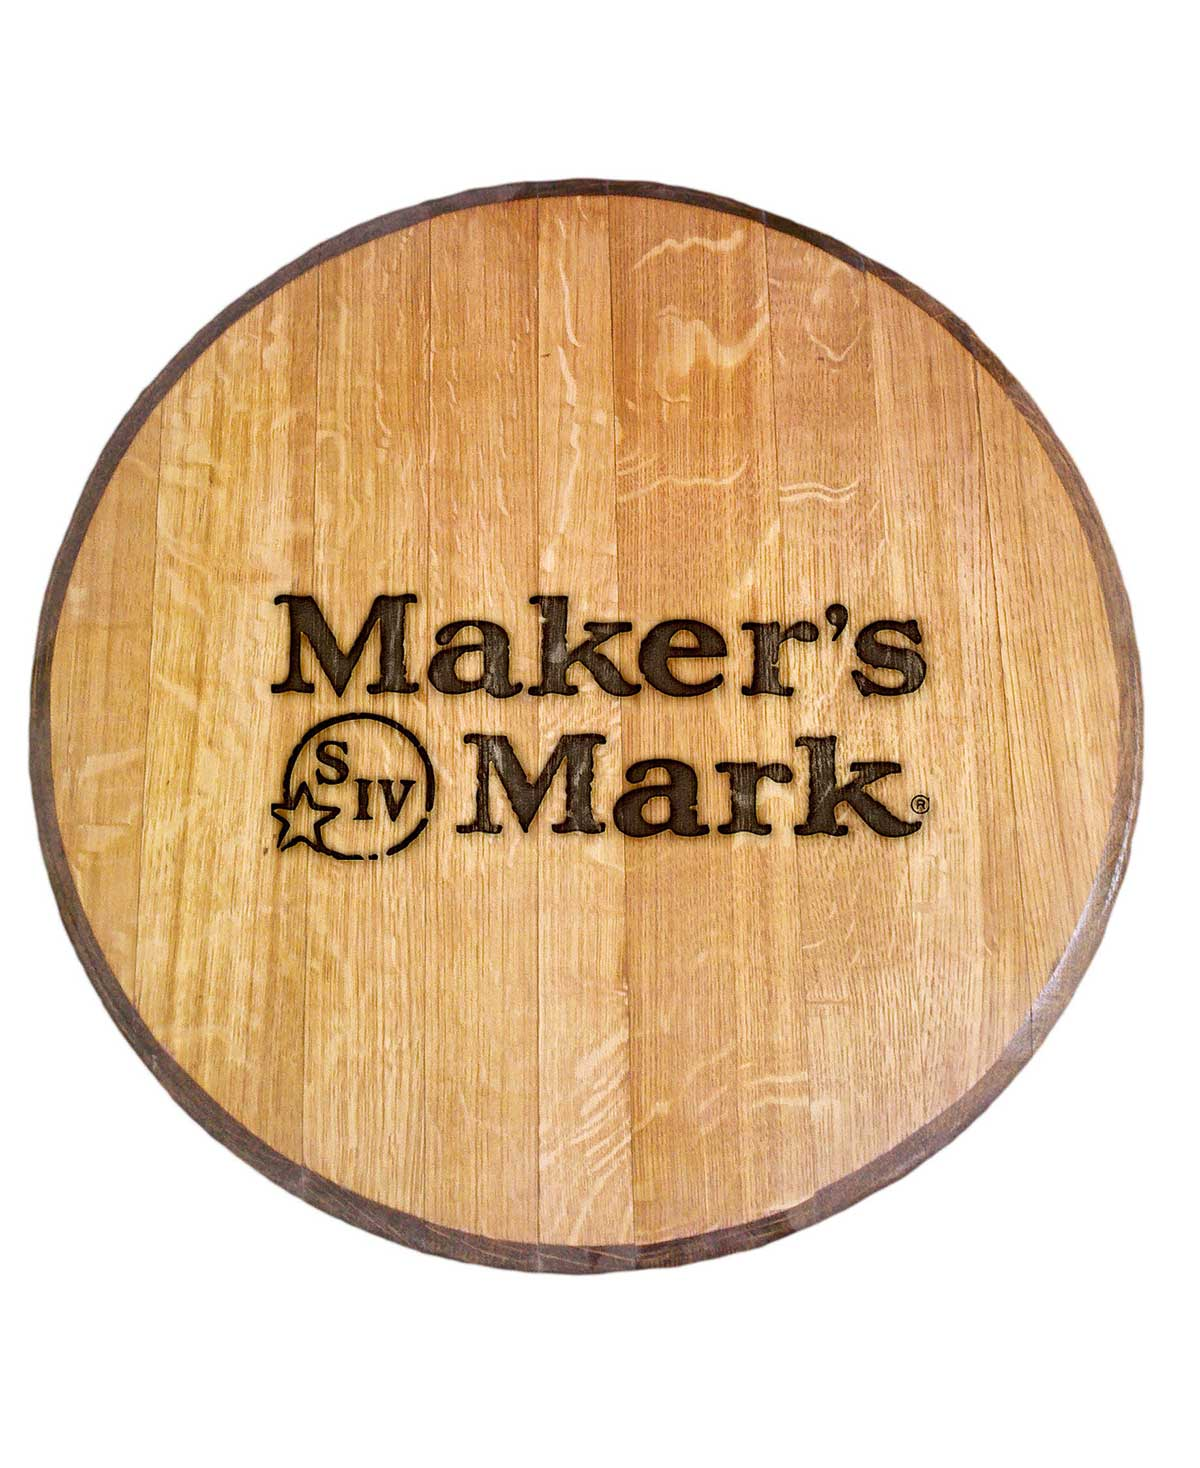 Makers Mark Bourbon Barrel Head